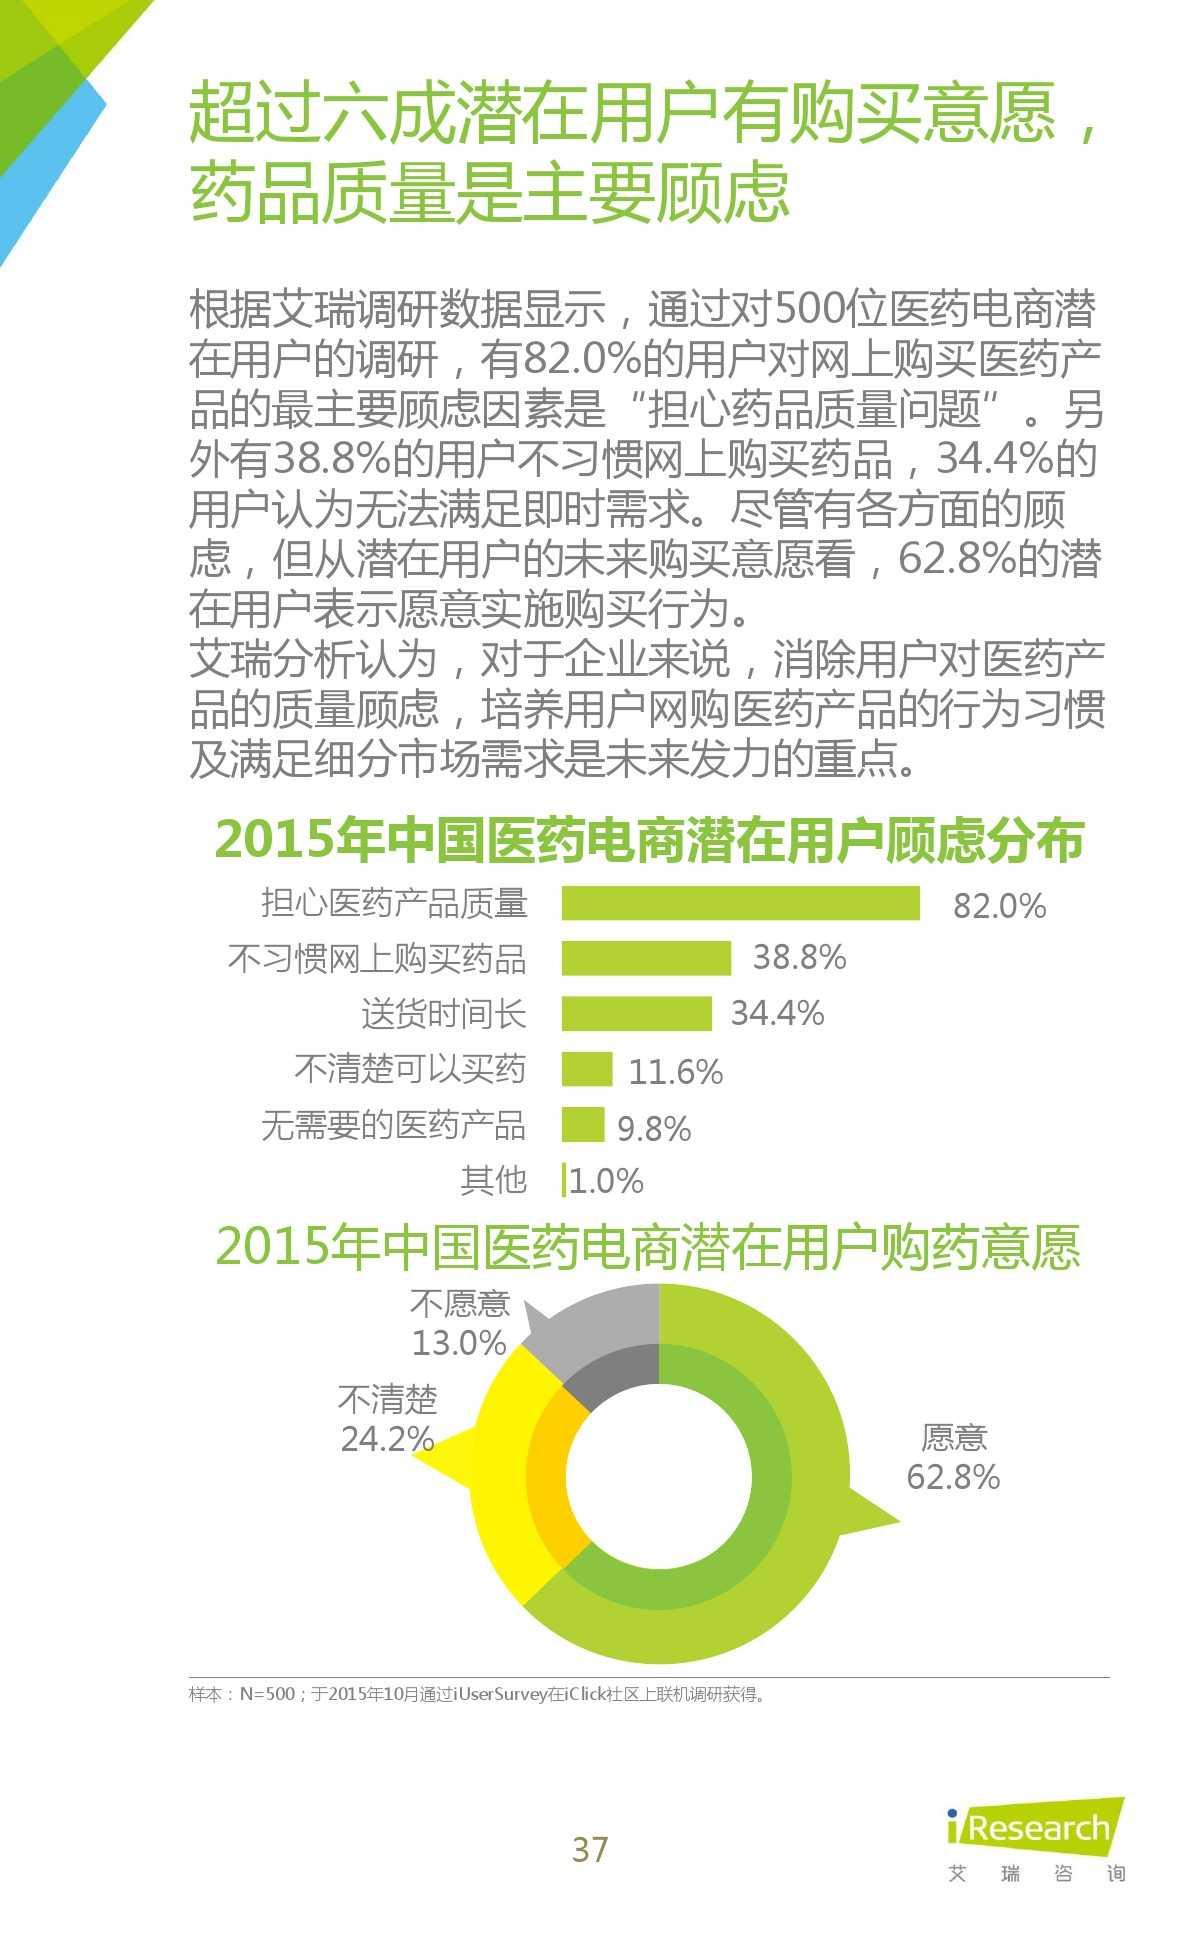 2015年中国医药电商用户行为研究报告_000037